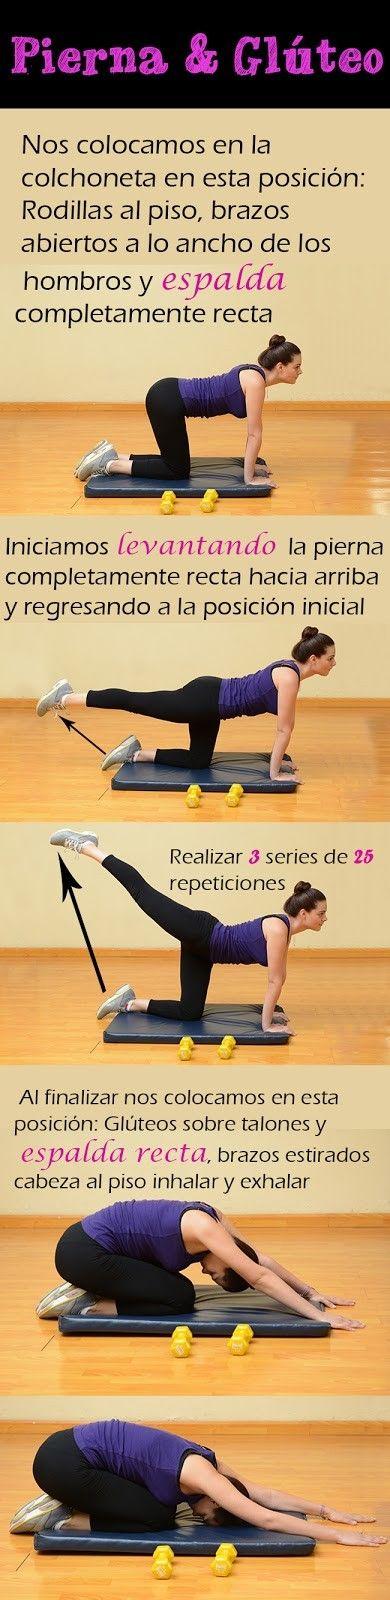 Rutina de ejercicio para piernas y glteo